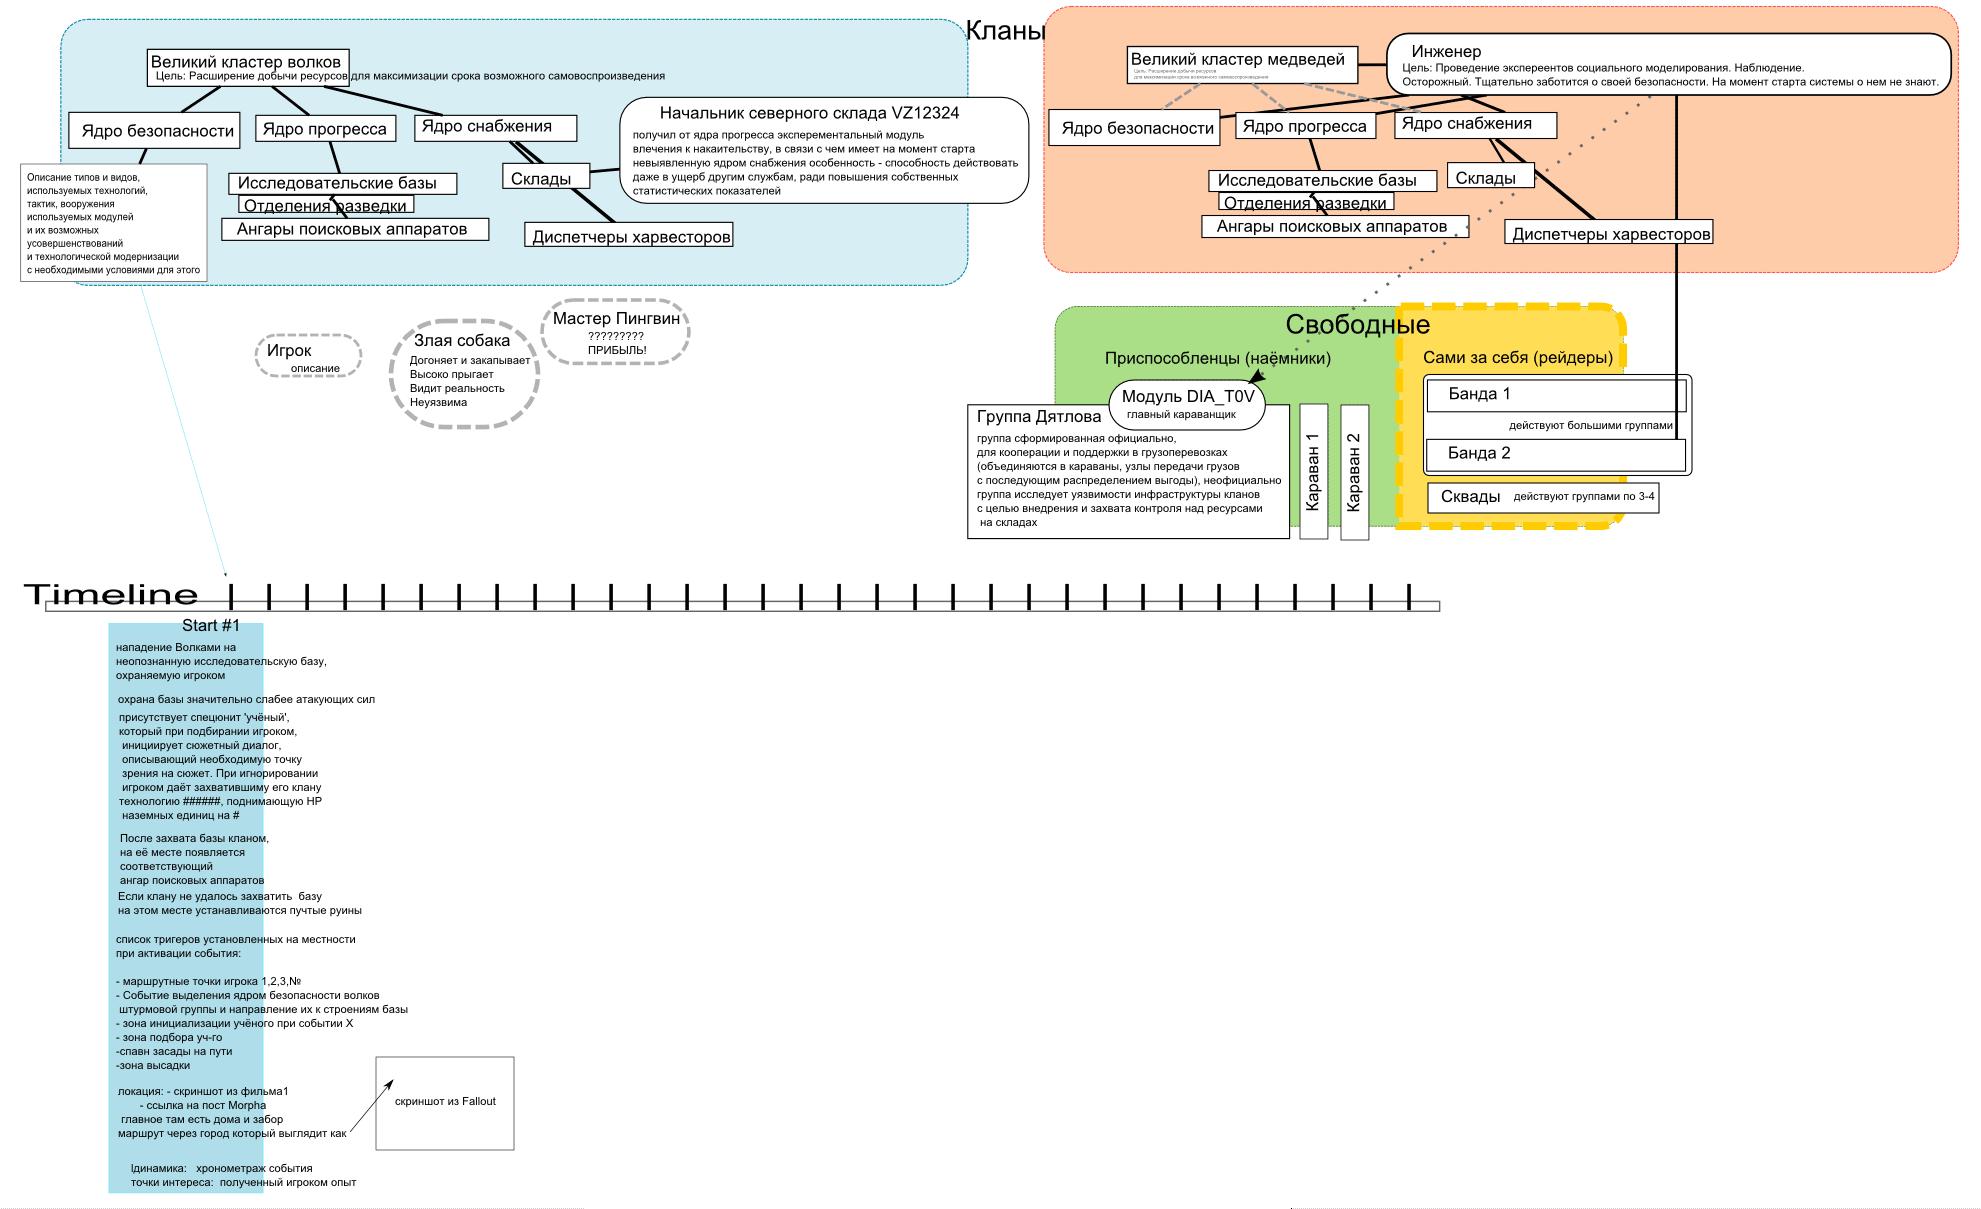 obrazec   SkyRanger[Проект заморожен в связи с юридическими проблемами]